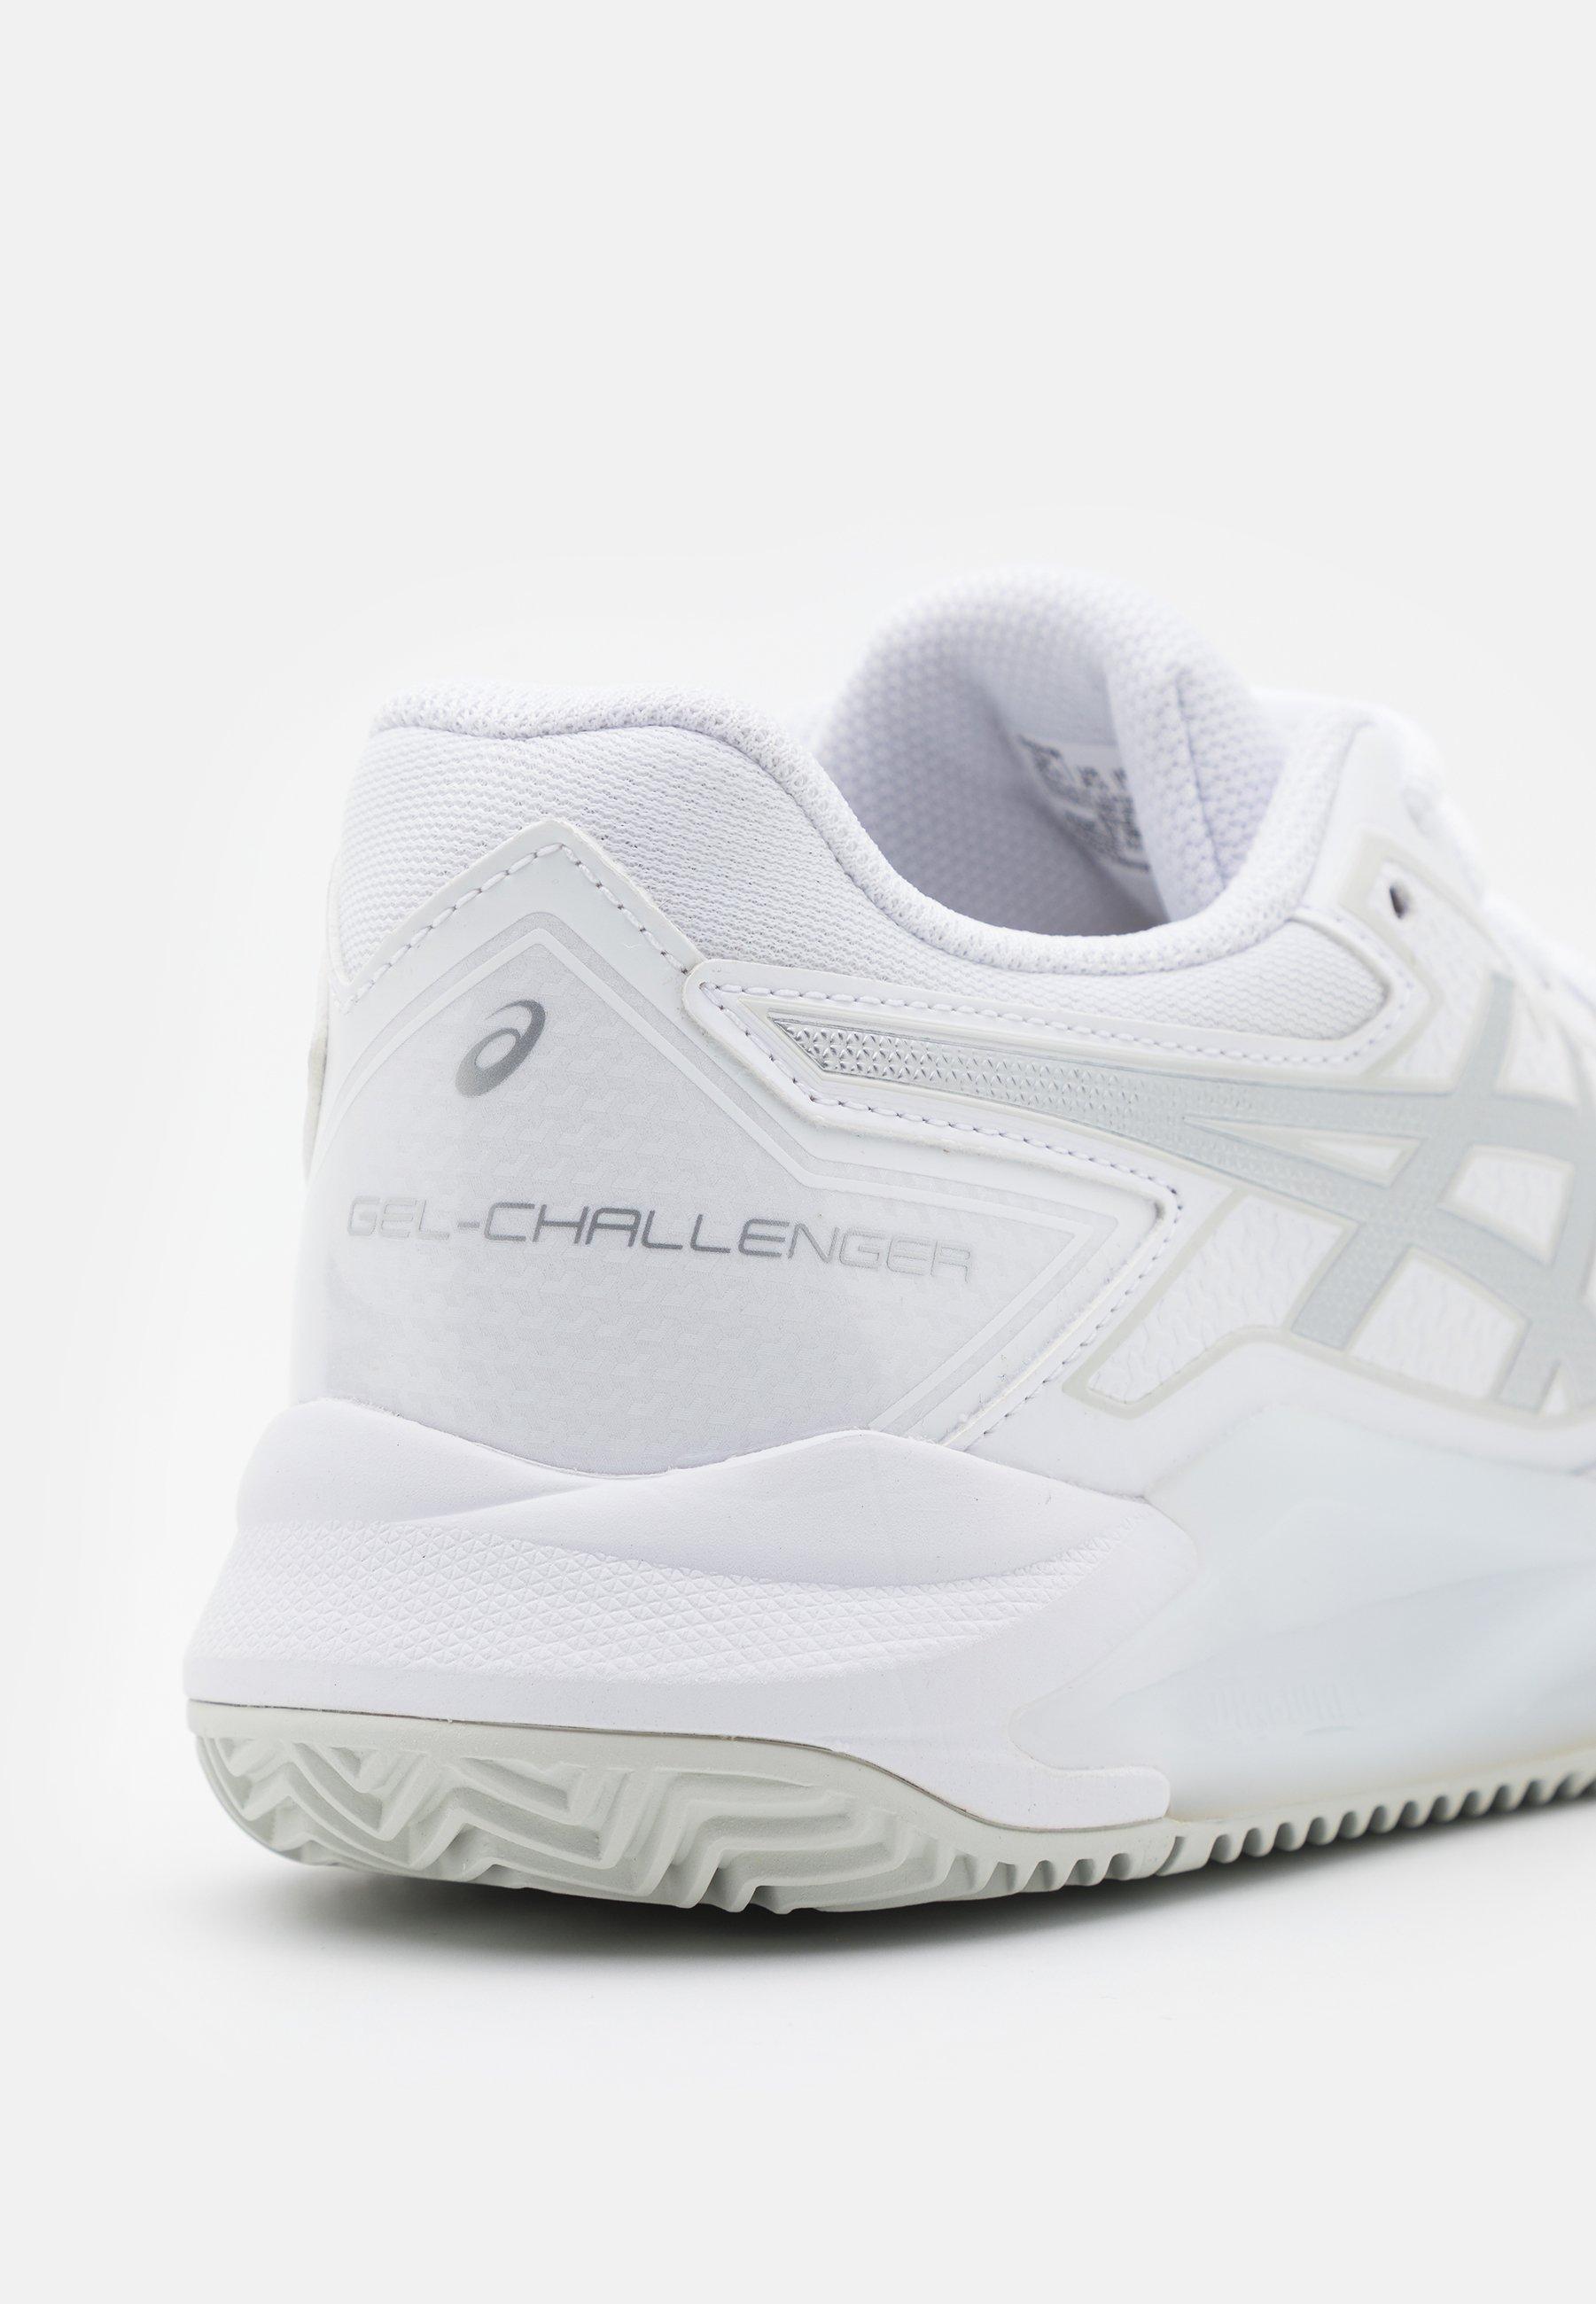 Femme GEL-CHALLENGER 13 CLAY - Chaussures de tennis pour terre-battueerre battue